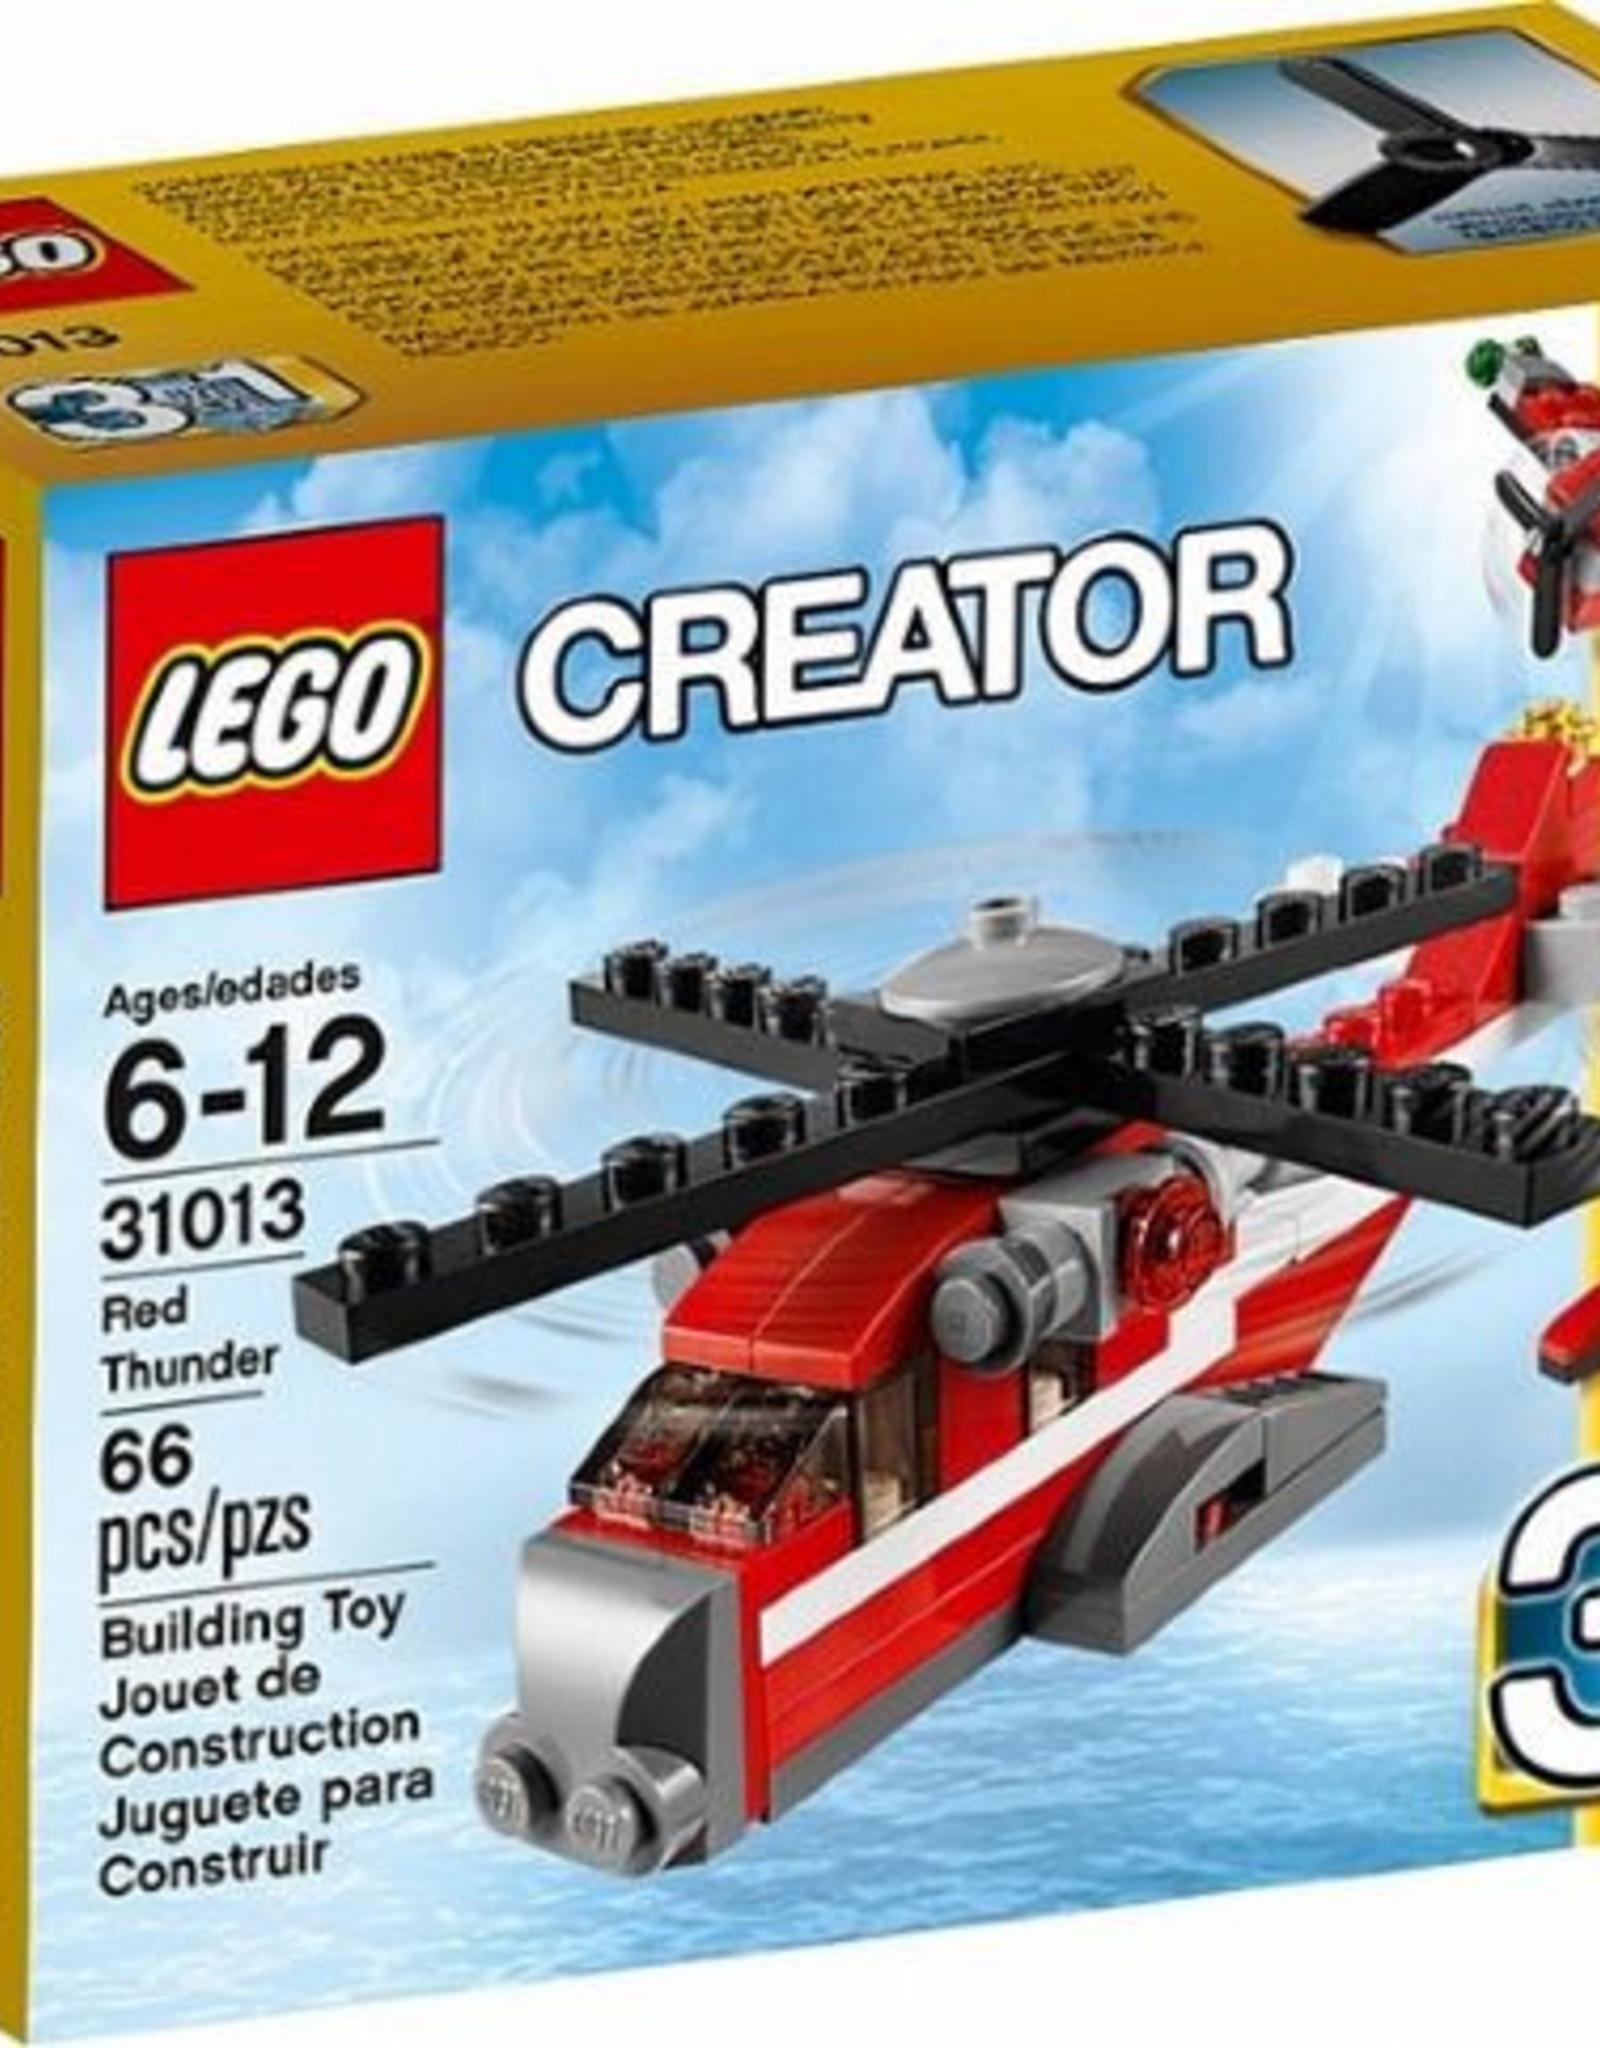 LEGO LEGO 31013 Rode Thunder helicopter CREATOR